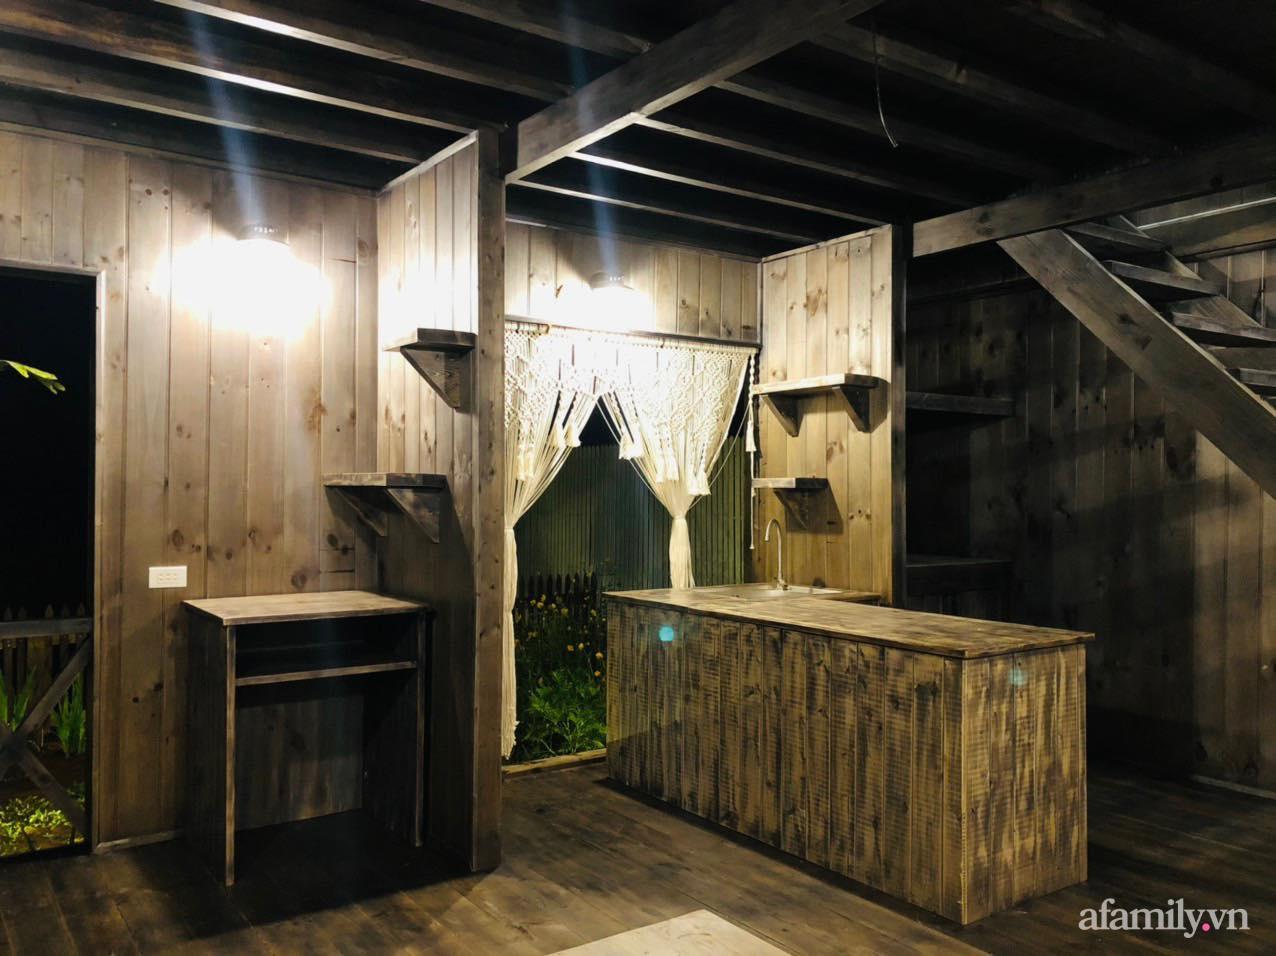 Căn nhà gỗ bình yên hướng tầm nhìn ra hồ nước trong veo, thơ mộng ở Buôn Mê Thuột - Ảnh 14.